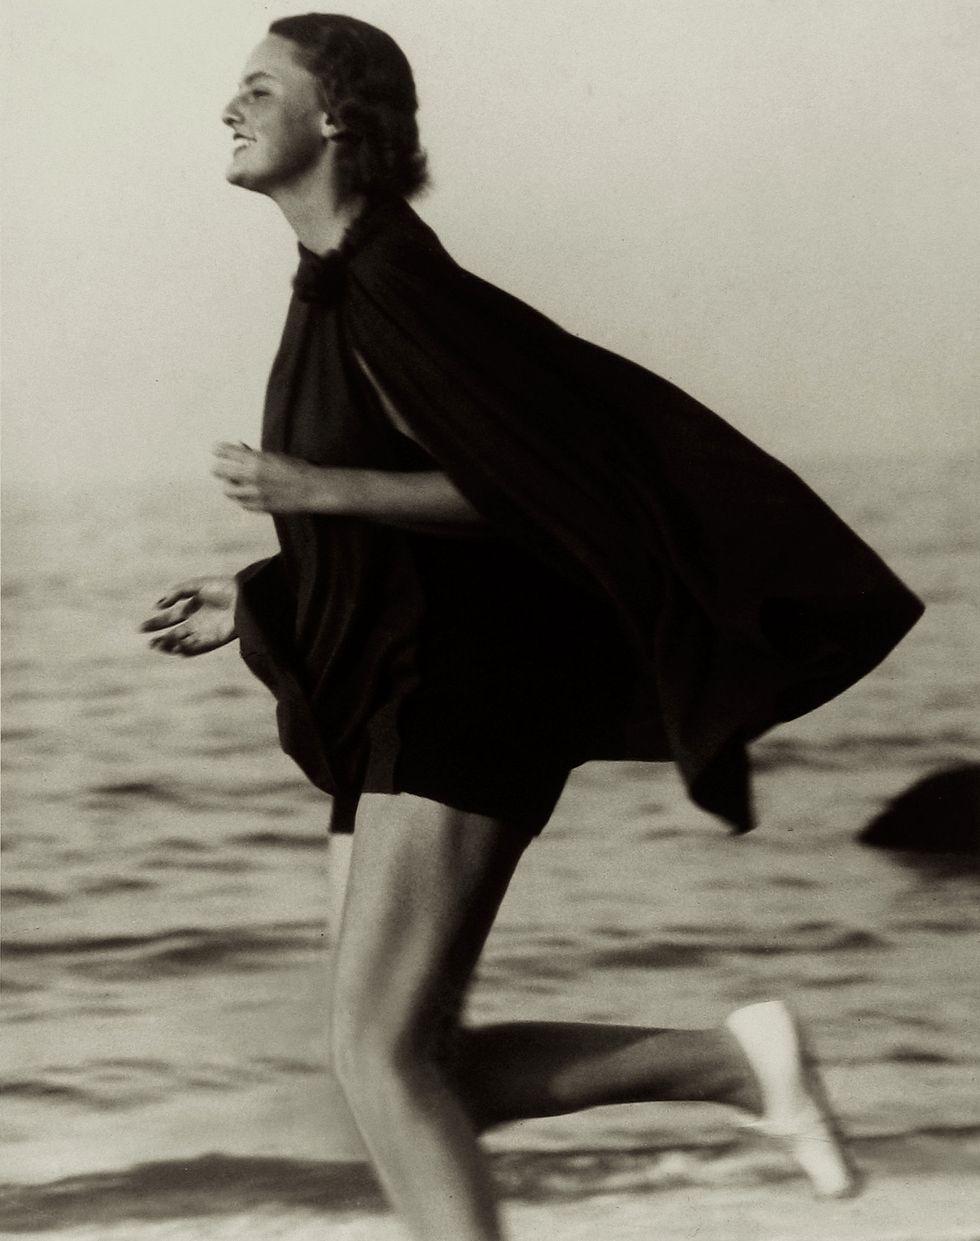 (Hasil potret Martin Munkacsi yang berhasil membuat sejarah baru di industri mode di zaman itu)